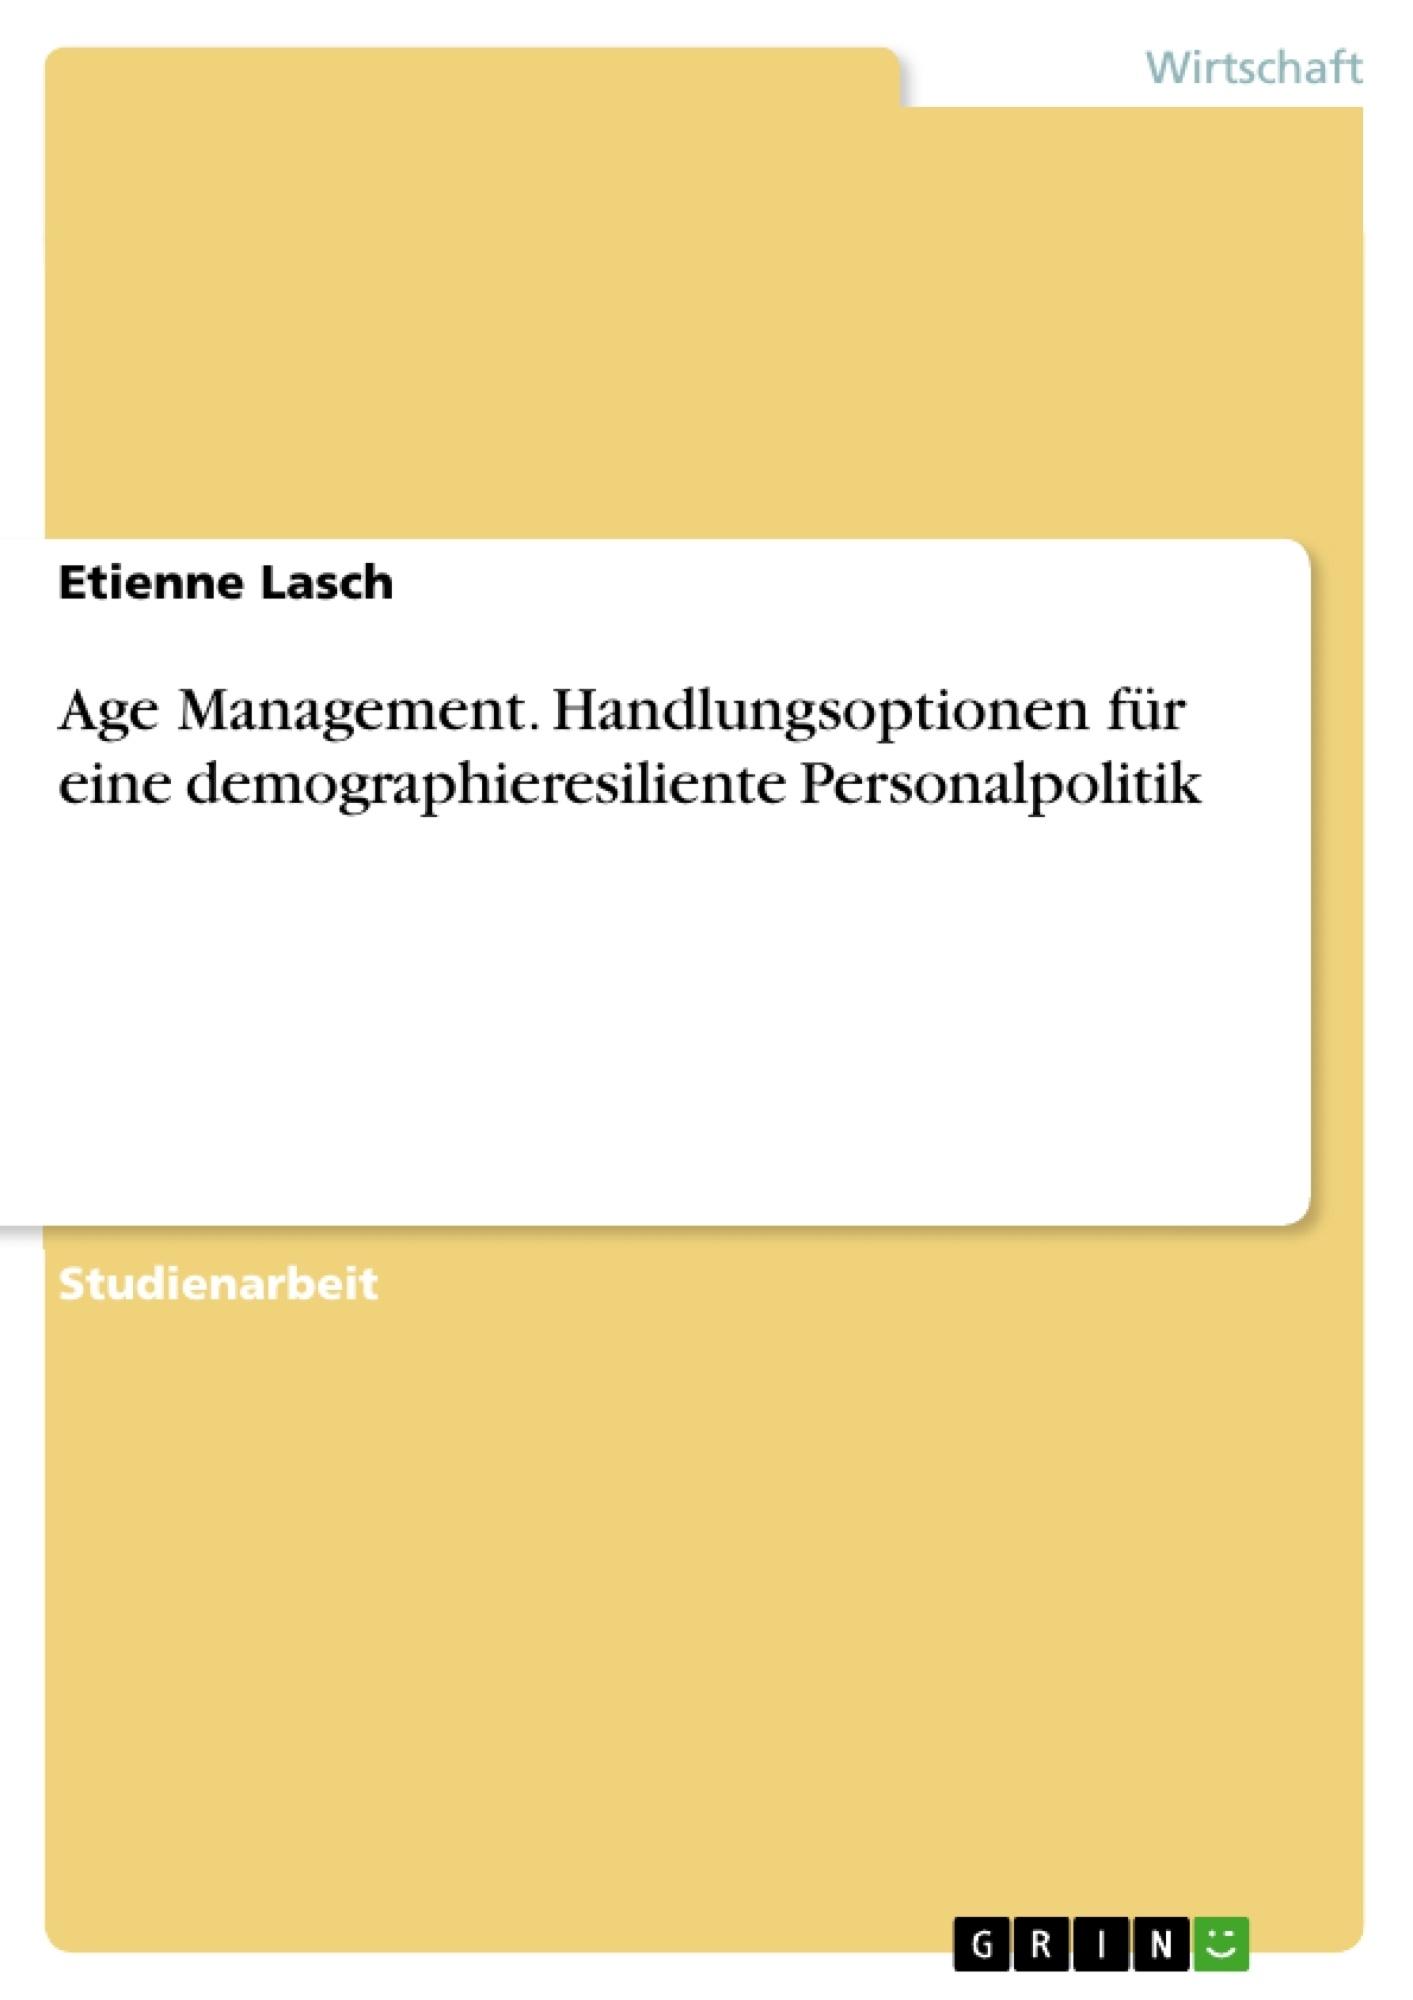 Titel: Age Management. Handlungsoptionen für eine demographieresiliente Personalpolitik